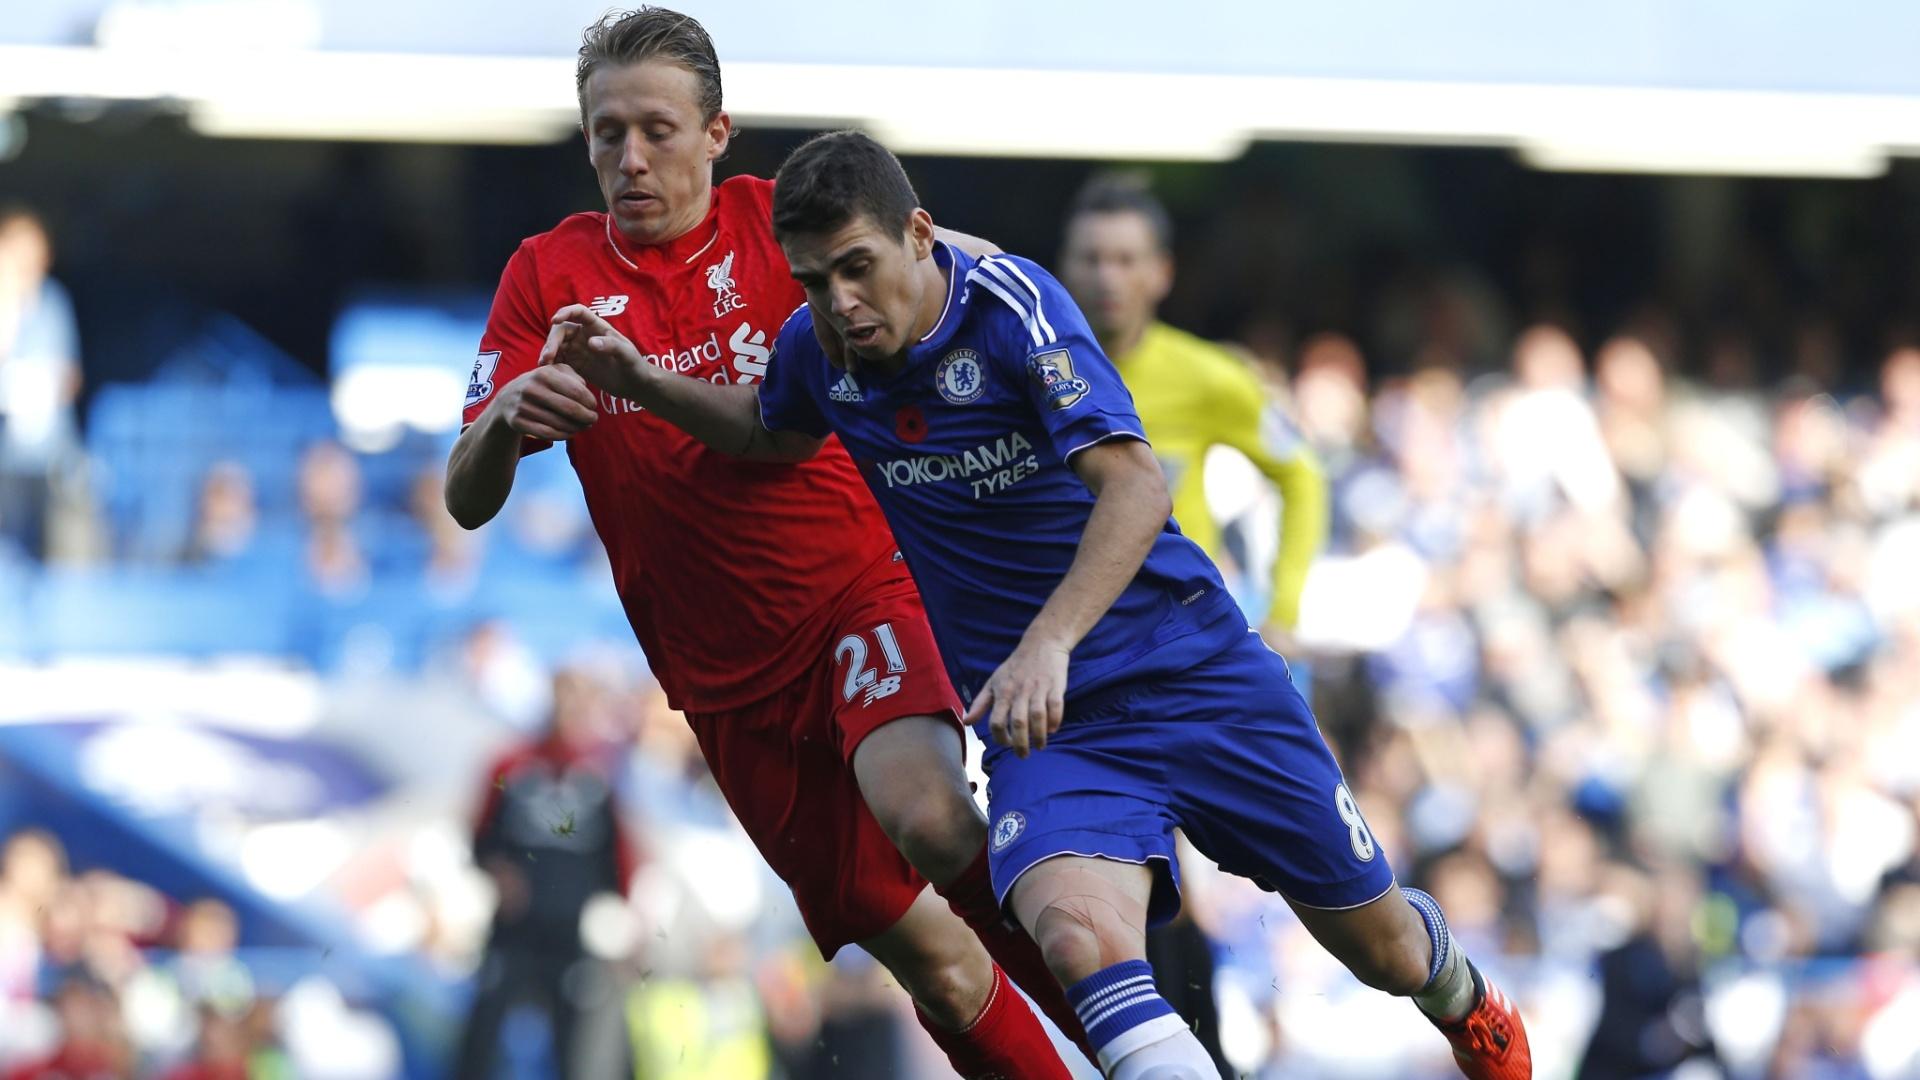 Oscar teve atuação apagada contra o Liverpool neste sábado (31)